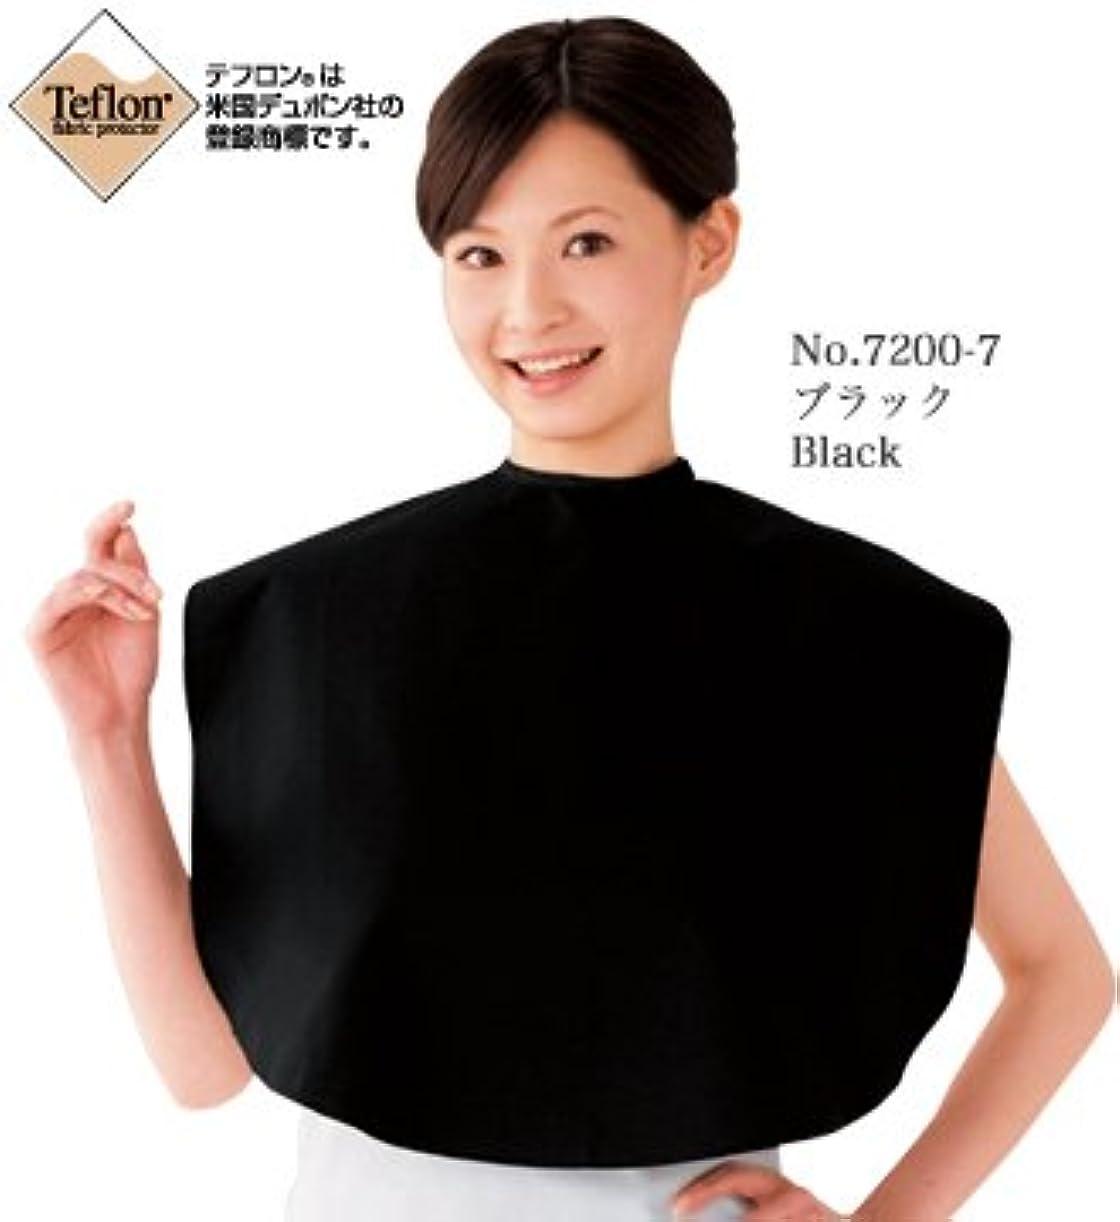 ショットリンク同行するワコウ No.7200 メイクアップケープ (ミニサイズ) 超撥水タイプ WAKO (ブラック)7200-7